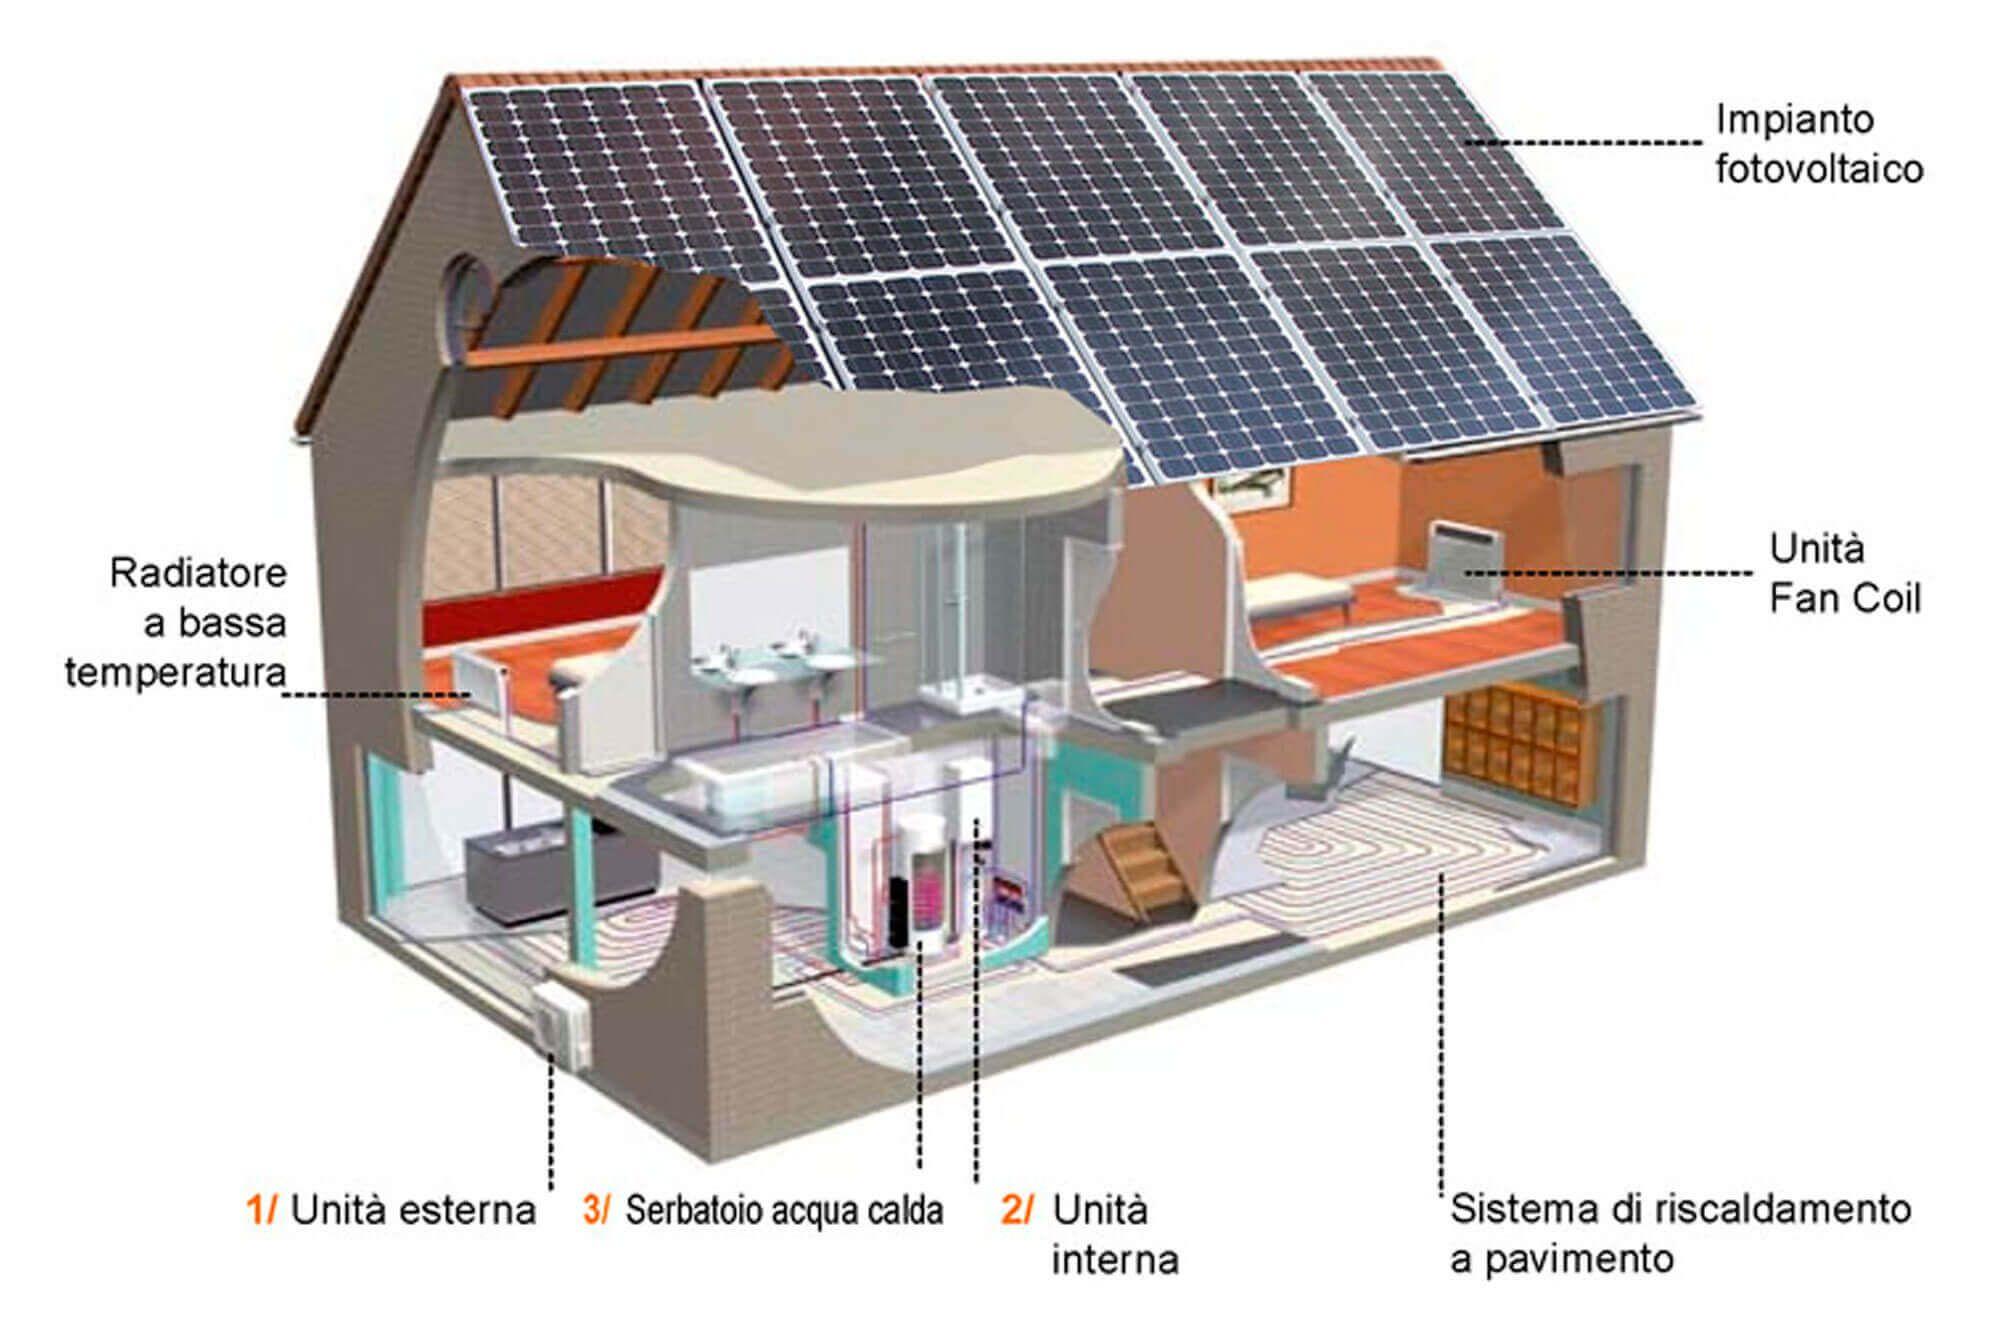 Pompe di calore cosa sono come funzionano e quanto costano for Impianto fotovoltaico con pompa di calore prezzi